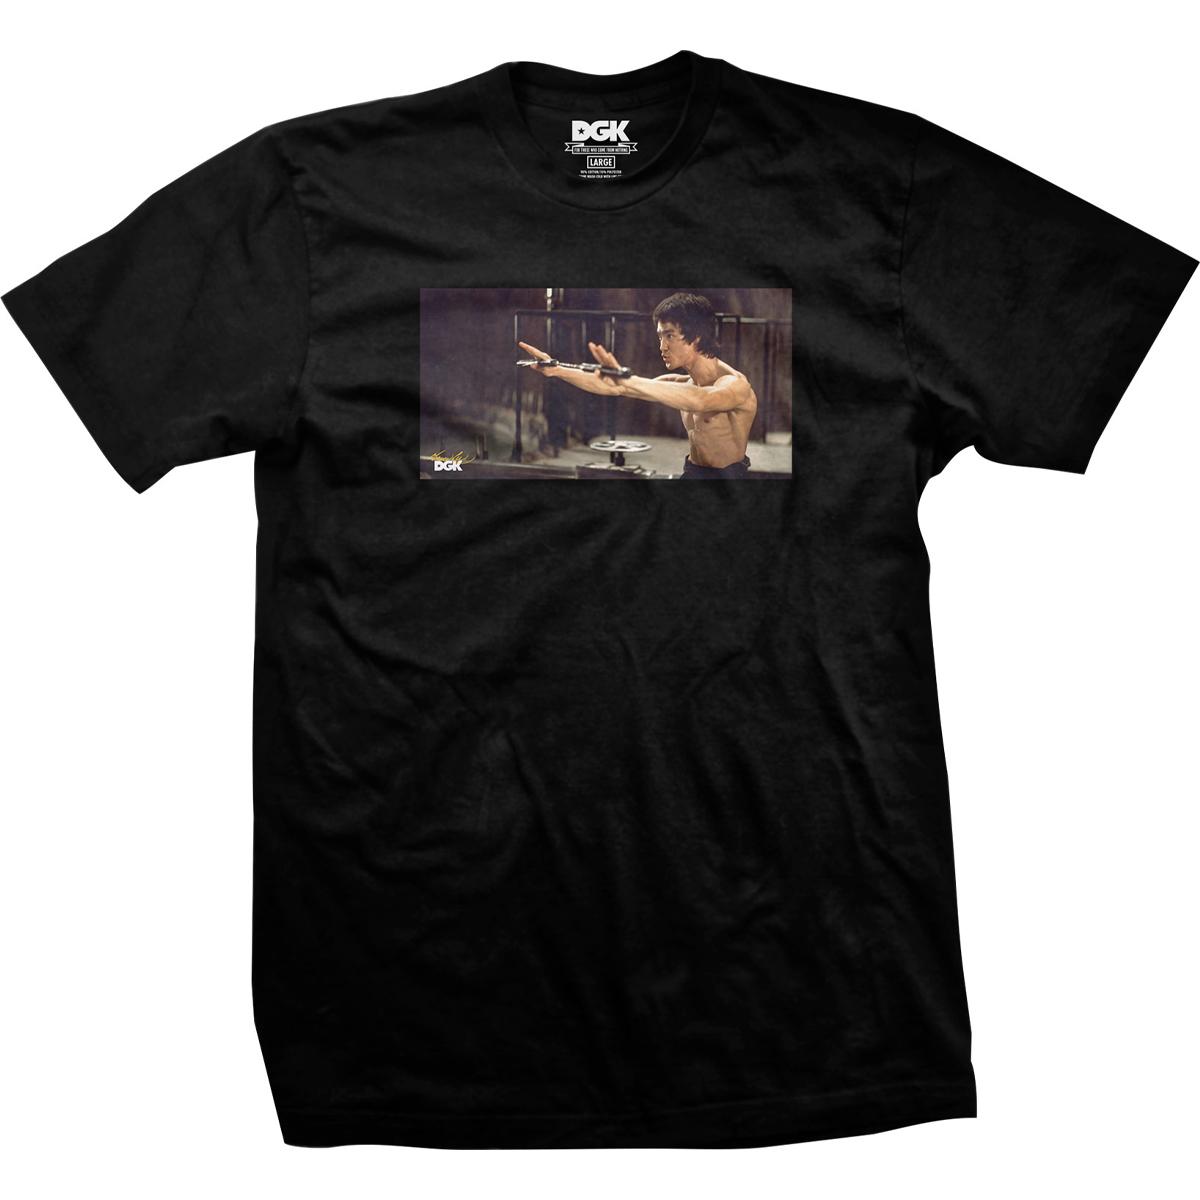 Nunchucks DGK T-shirt - Black